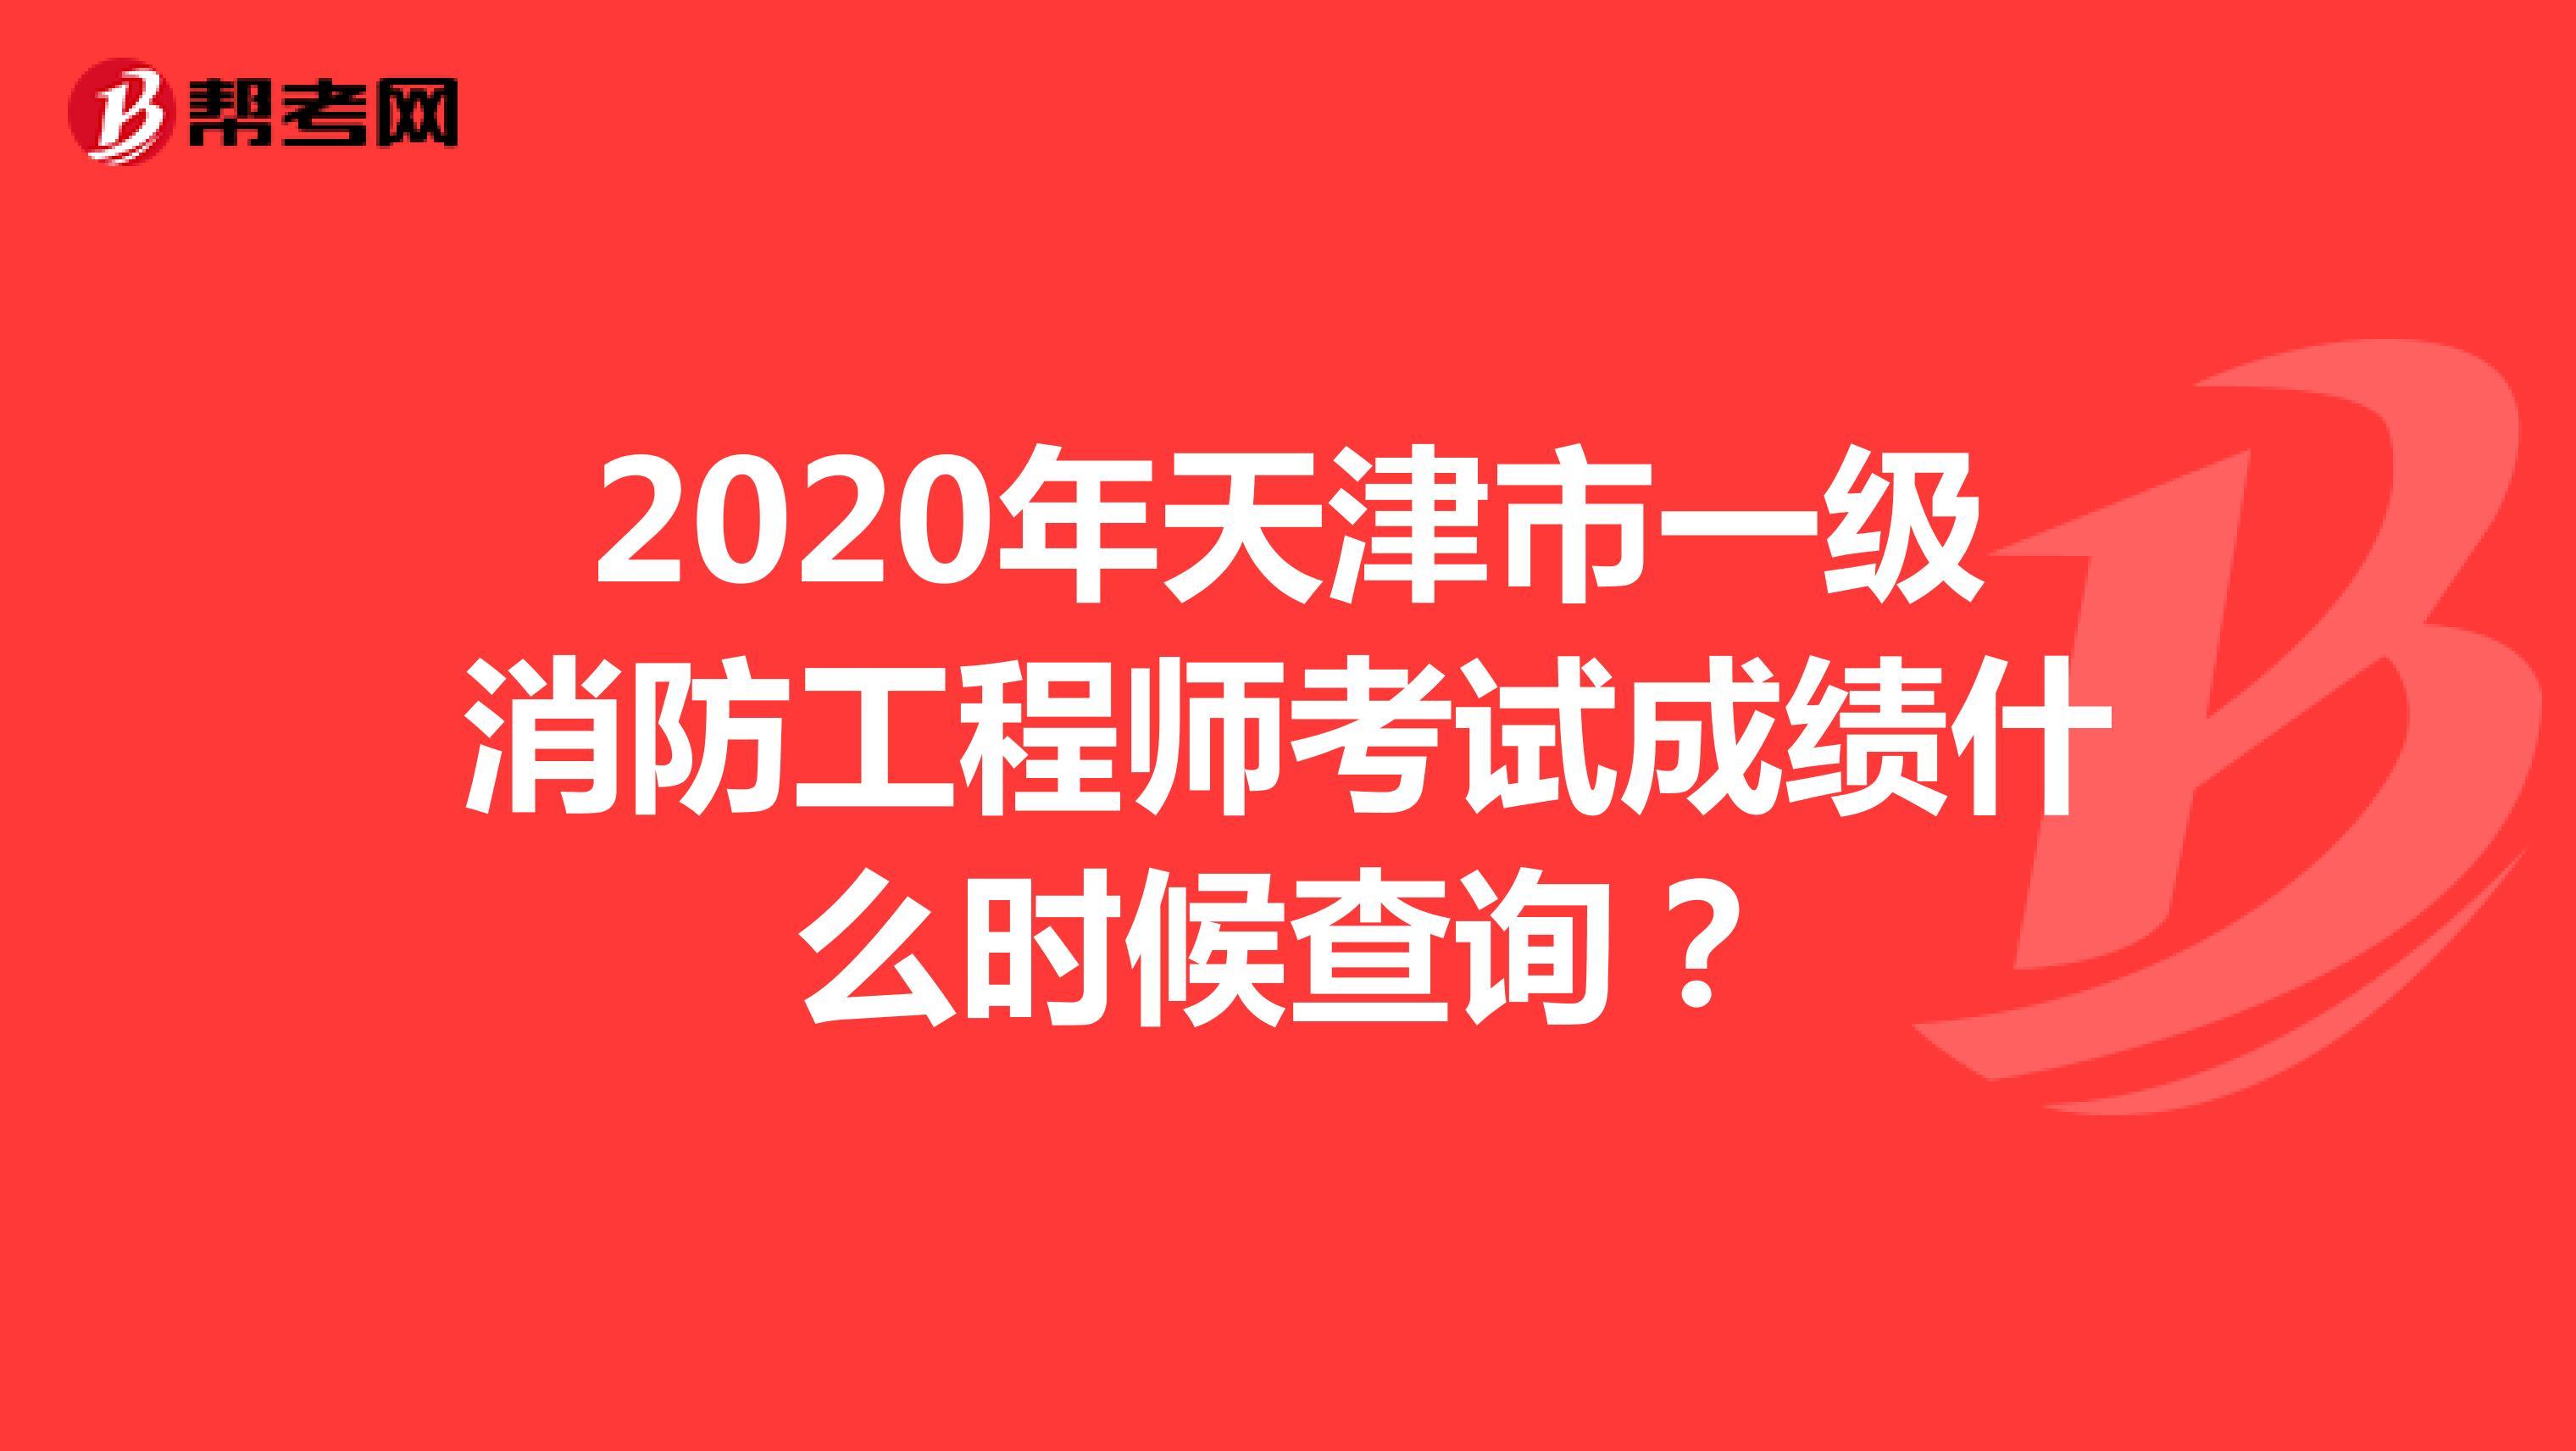 2020年天津市一级消防工程师考试成绩什么时候查询?